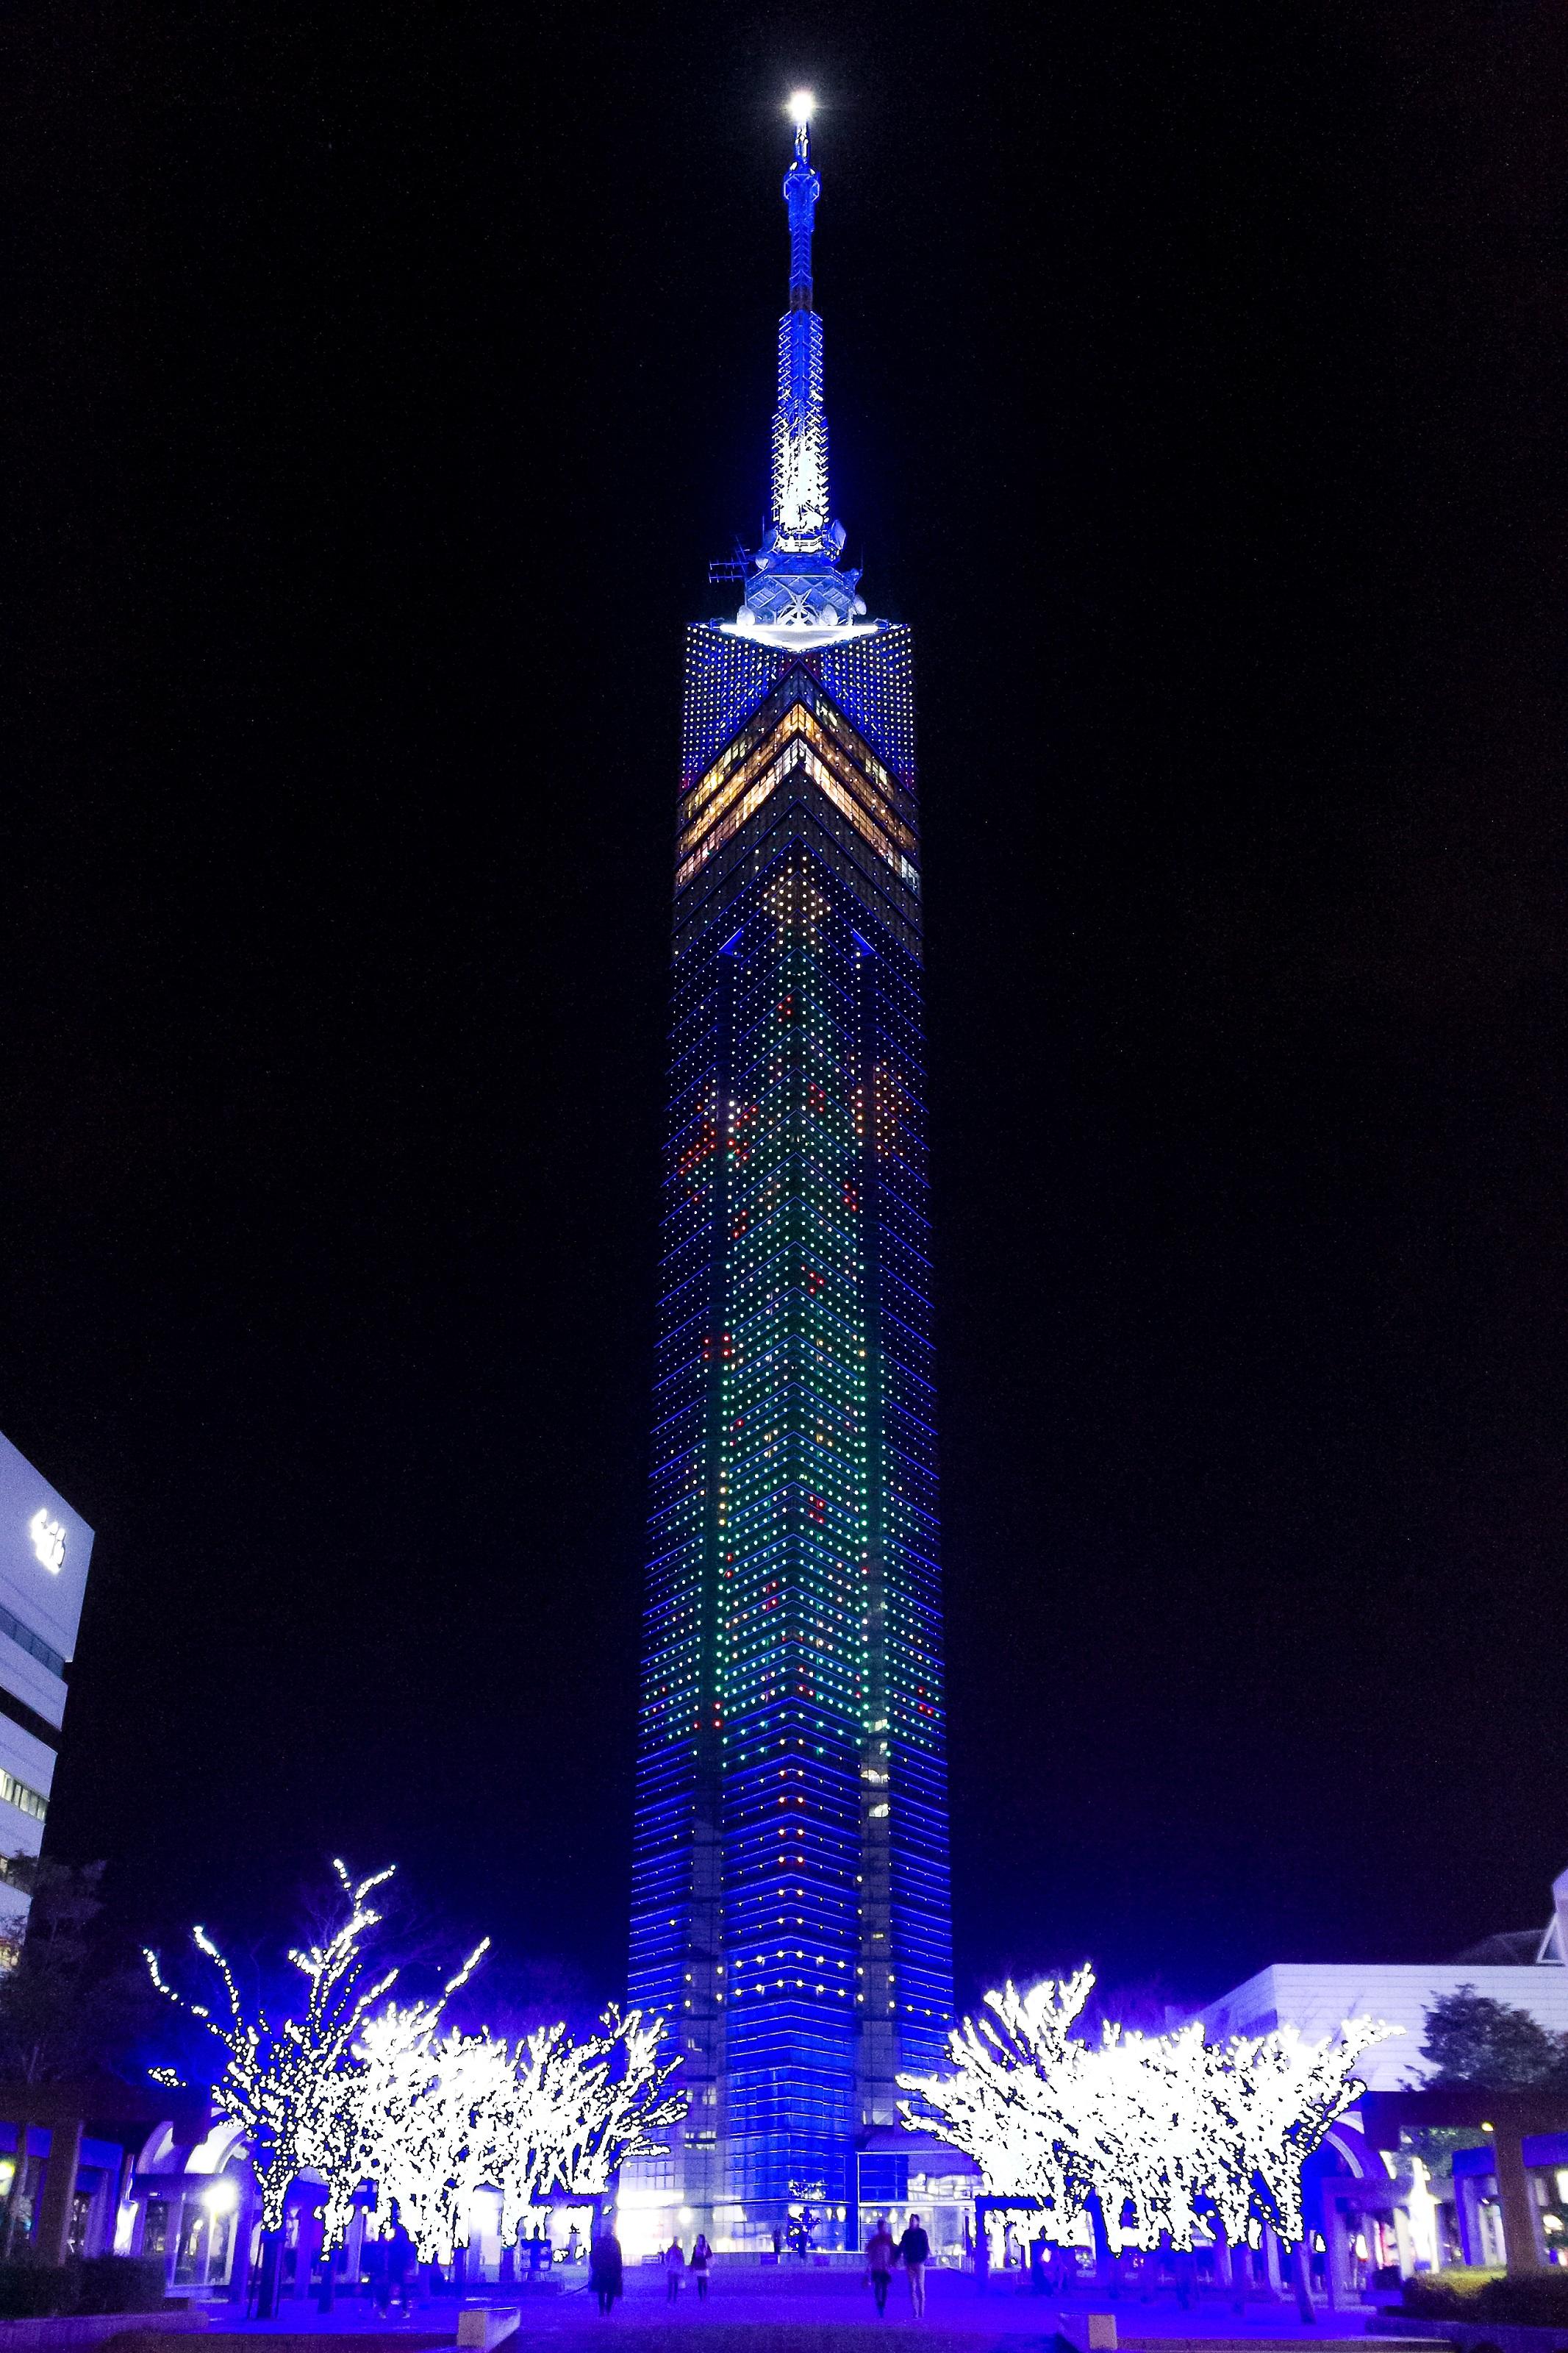 福岡タワーのクリスマスイルミネーション(2014)の画像